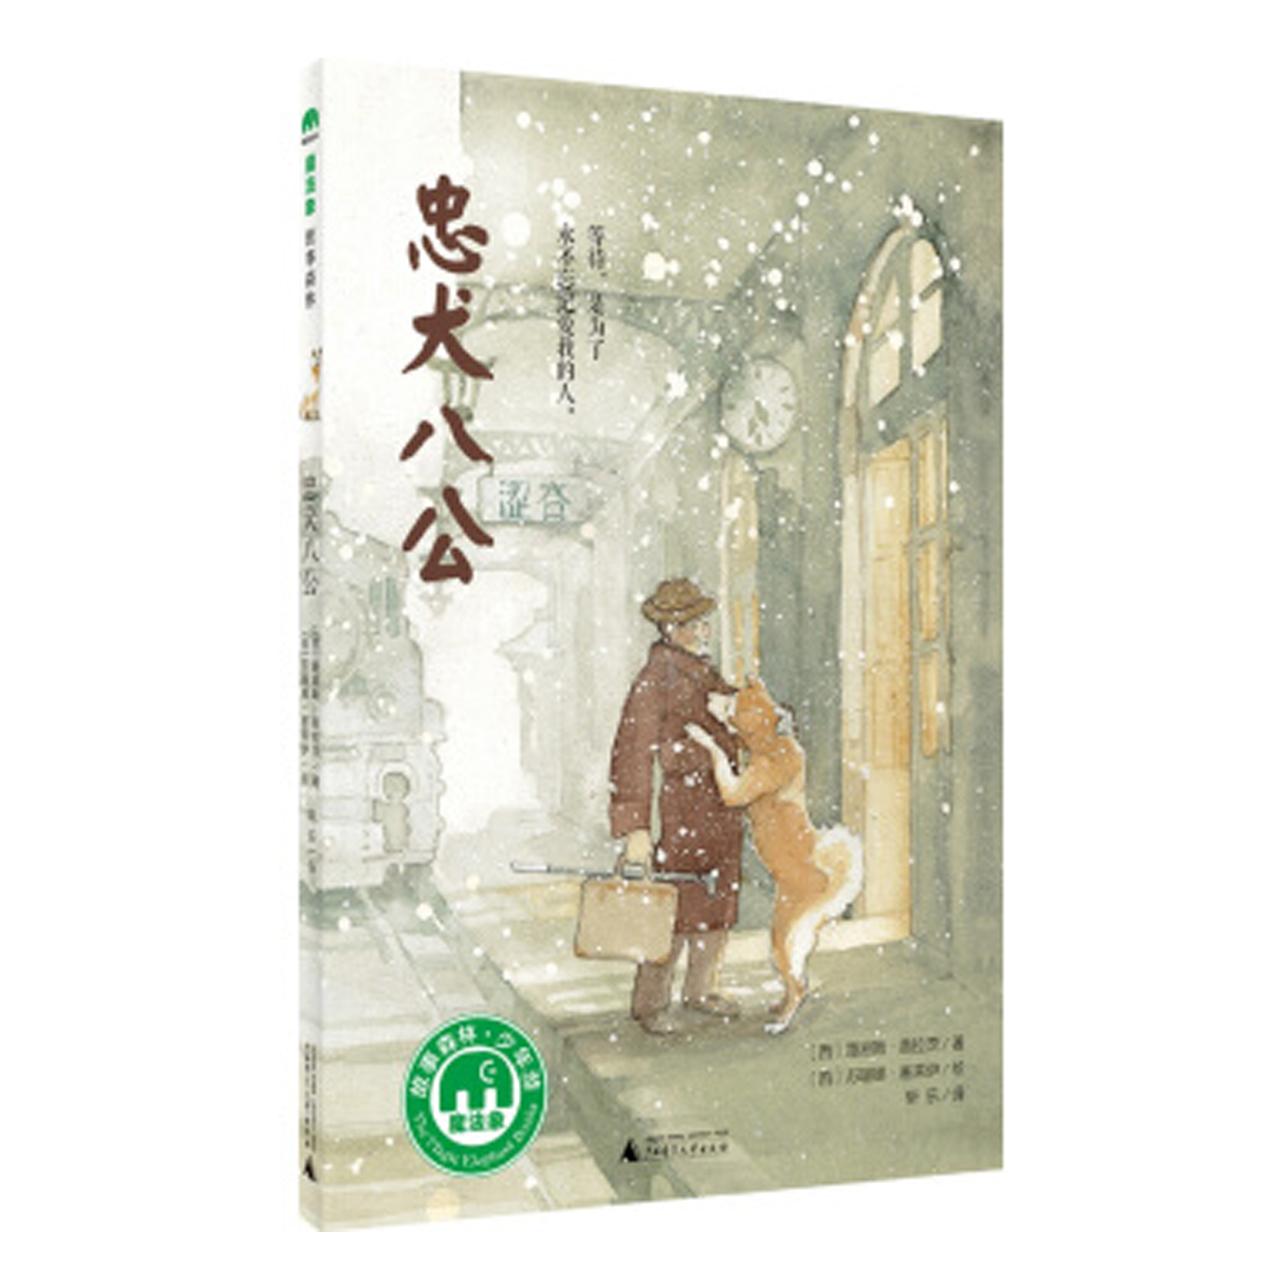 忠犬八公【儿童小说/青少年读物/翻译文学】